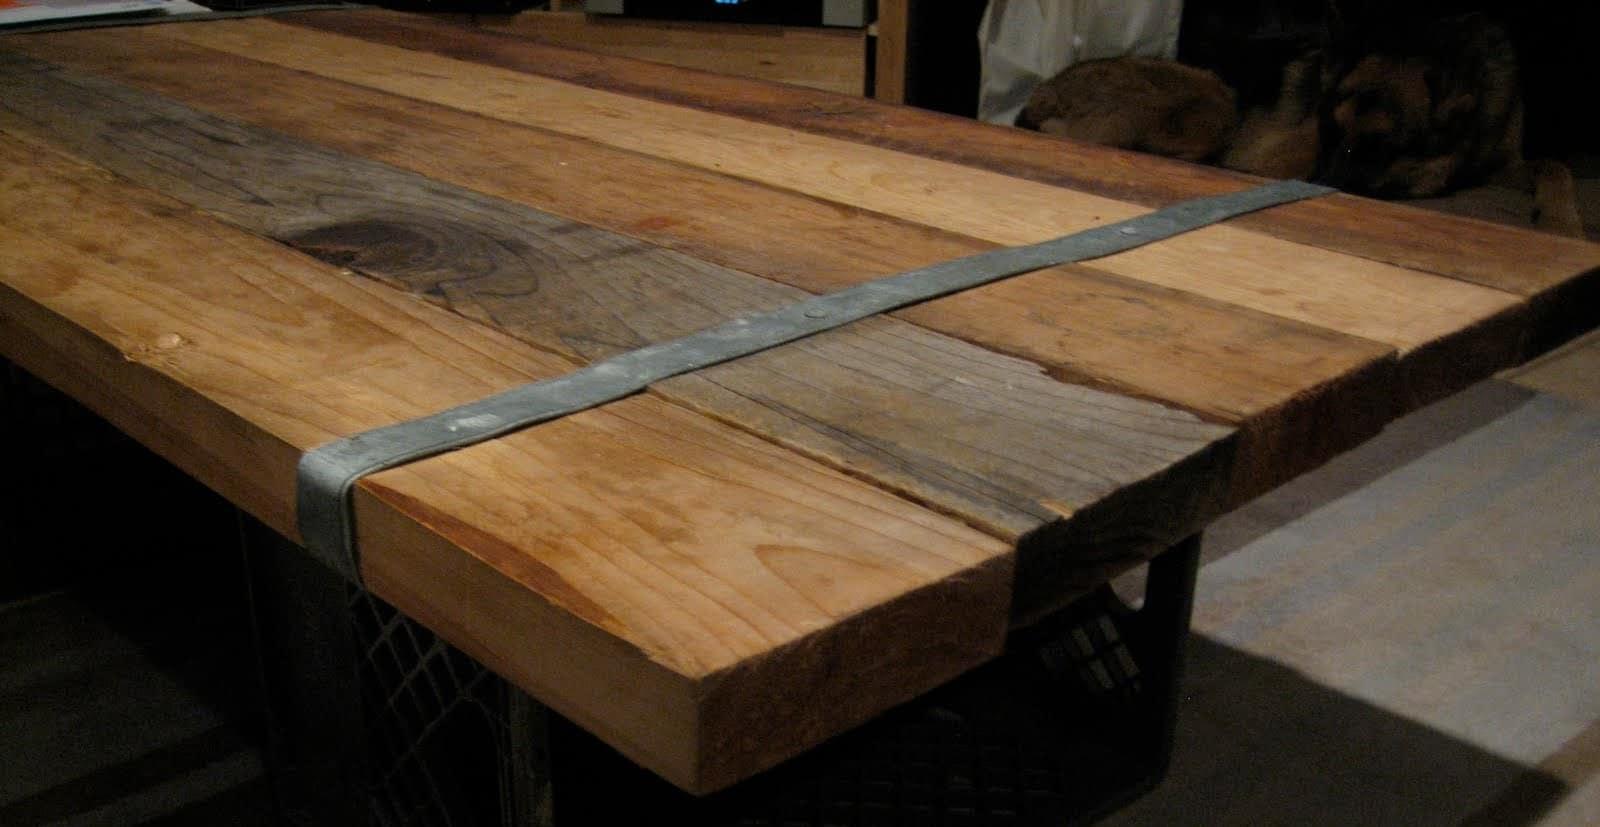 Hoe kun je zelf een tafel maken